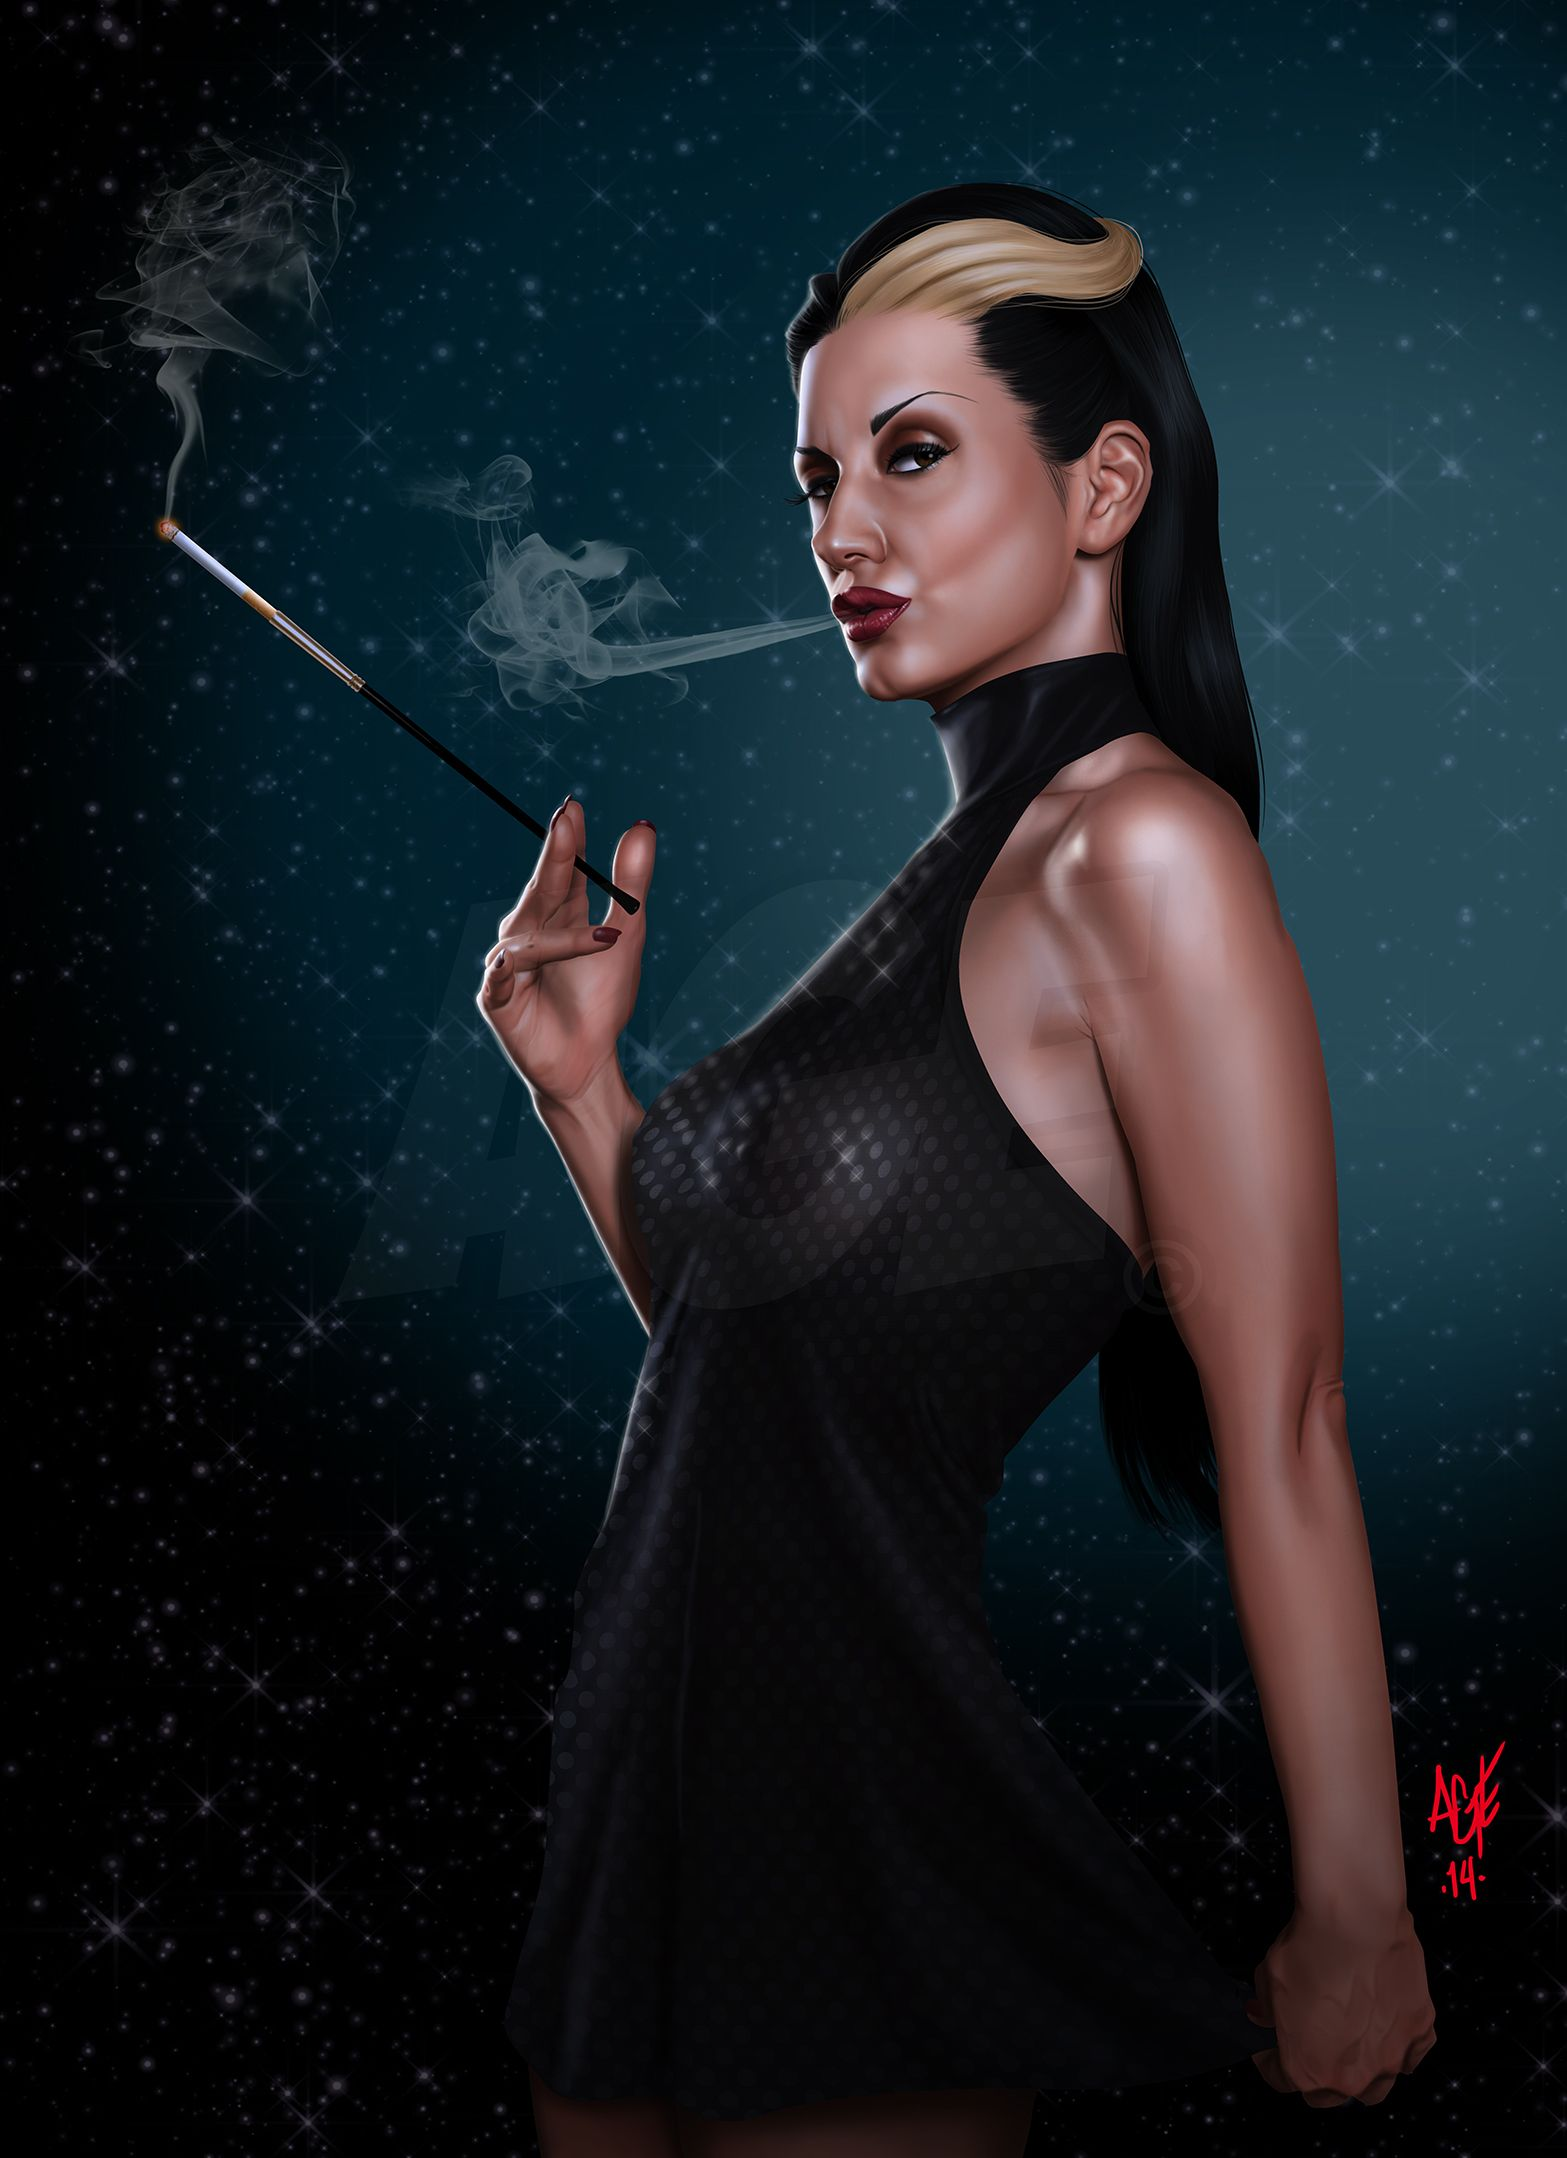 Smoking+by+Age-Velez.deviantart.com+on+@DeviantArt